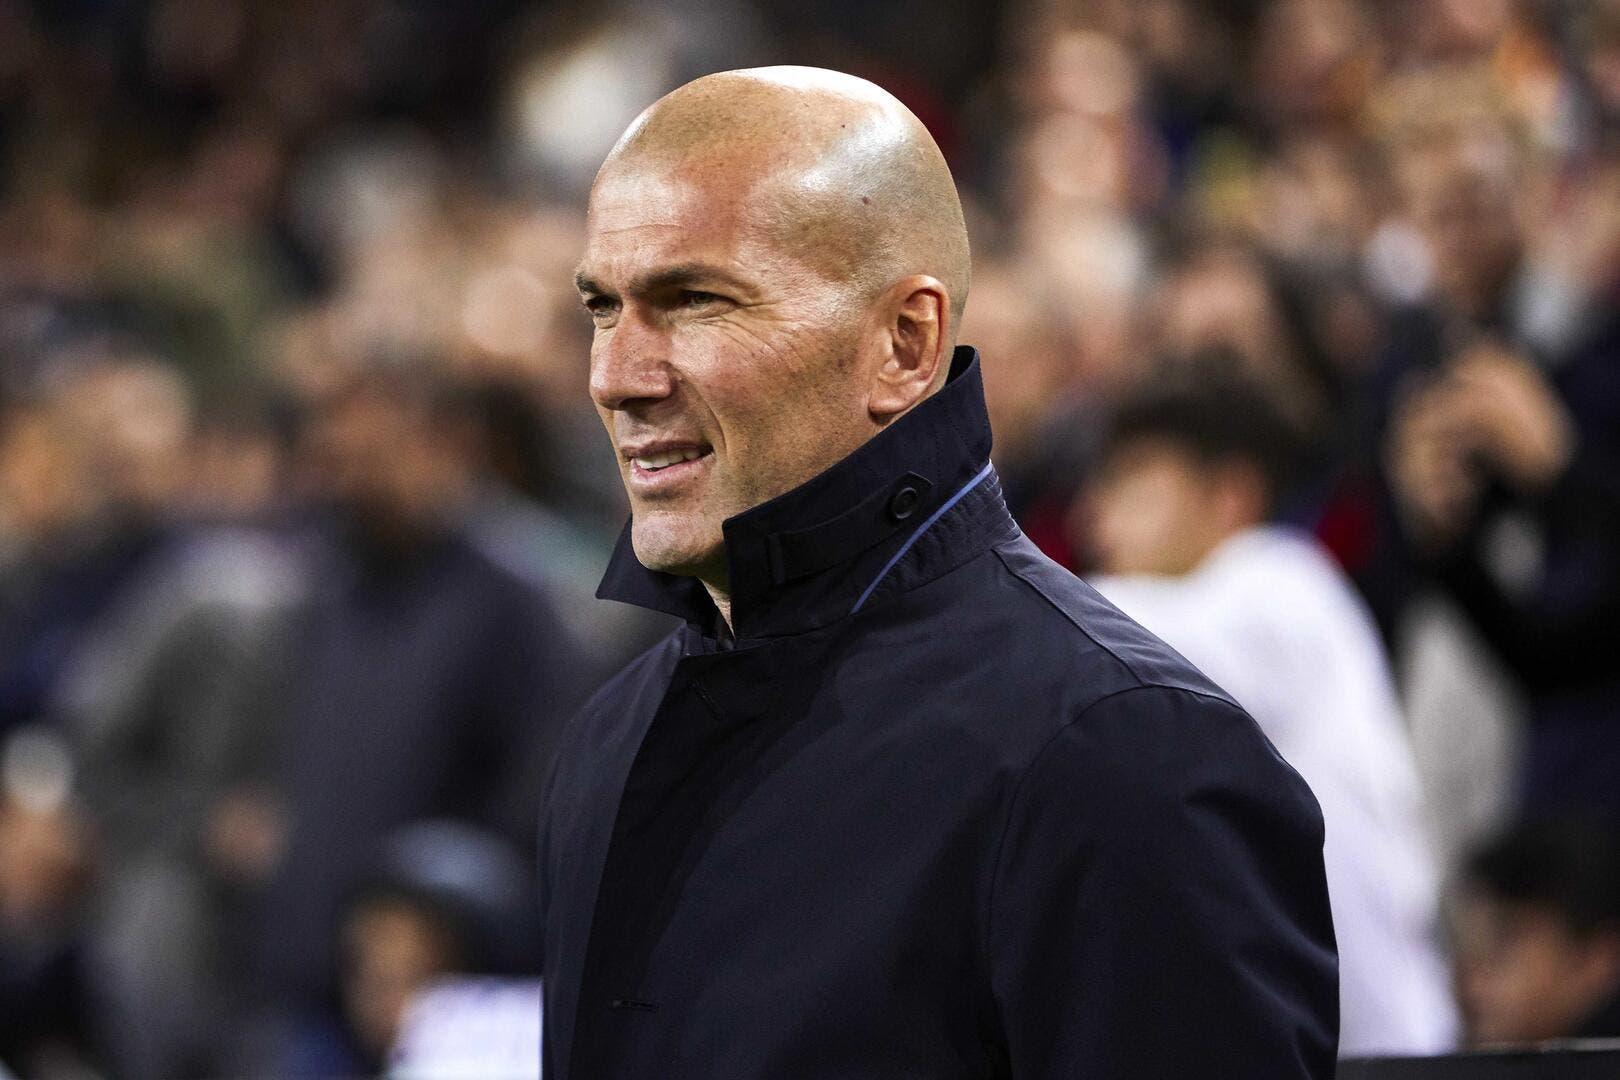 PSG : Zidane flirte en douce avec Mbappé, Paris ne va pas aimer